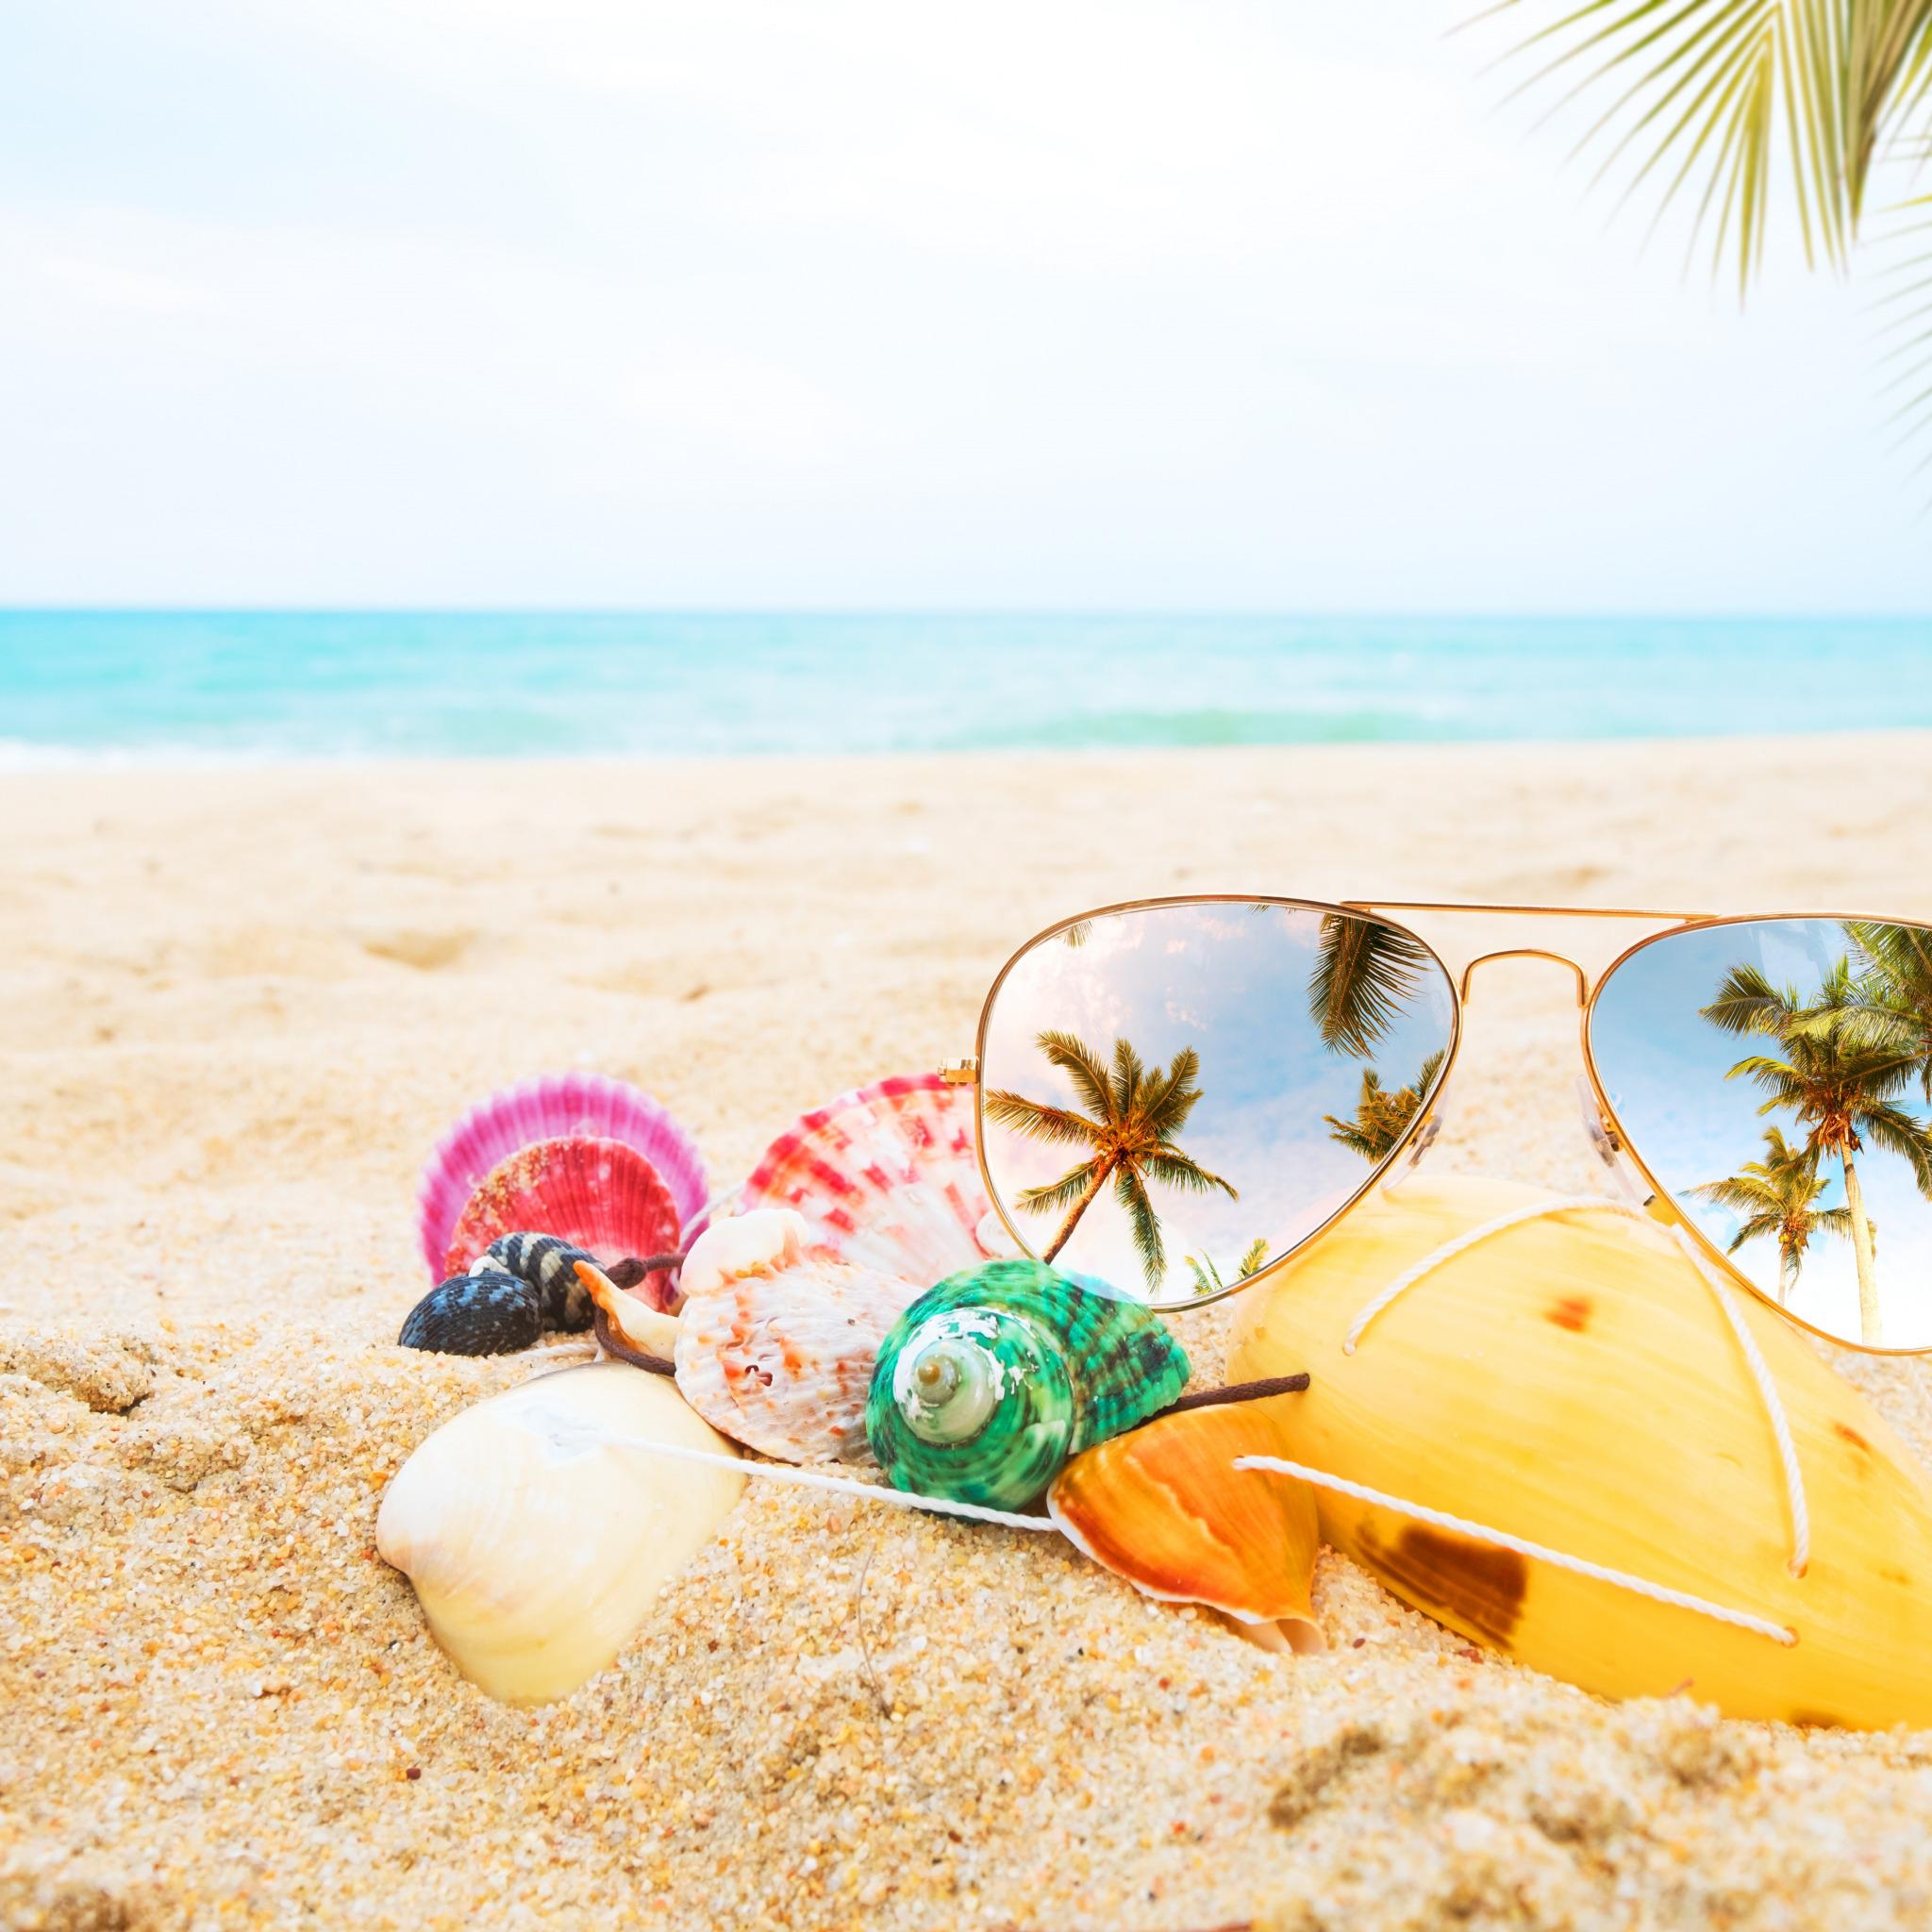 Картинки море солнце пляж отпуск